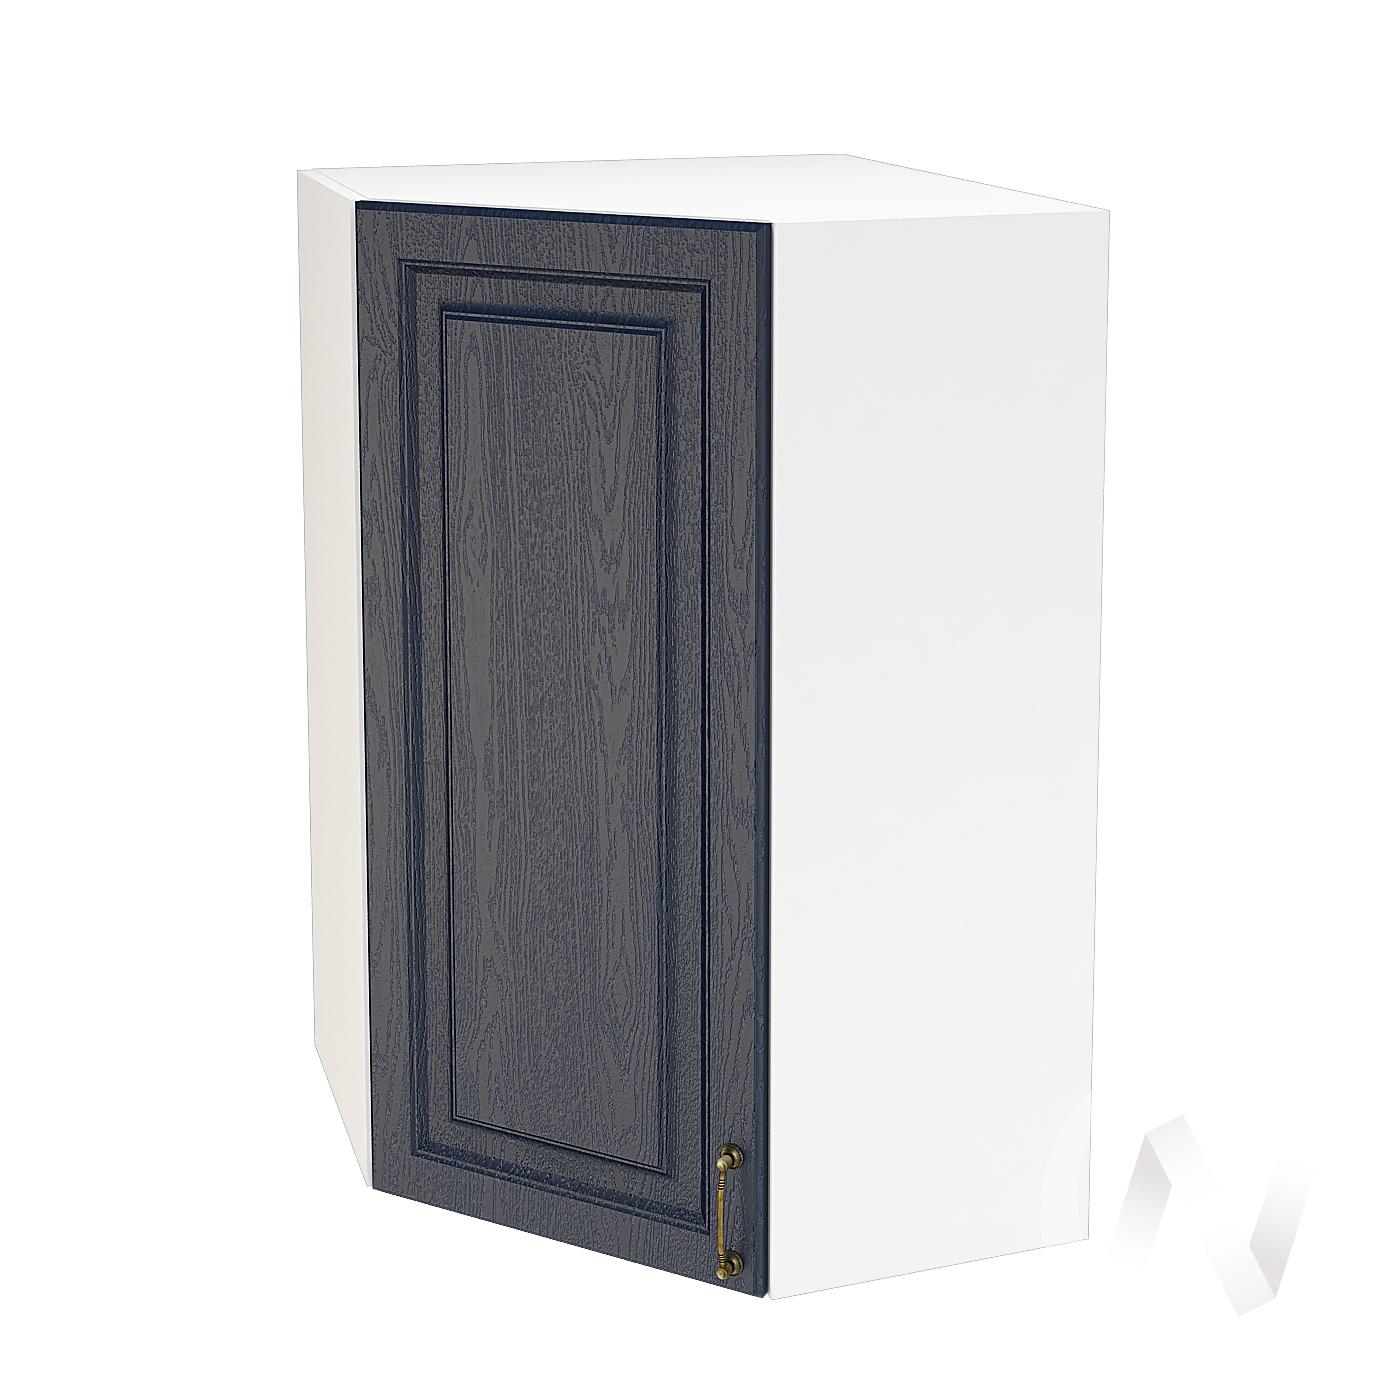 """Кухня """"Ницца"""": Шкаф верхний угловой 599, ШВУ 599 (Дуб чернильный/корпус белый)"""